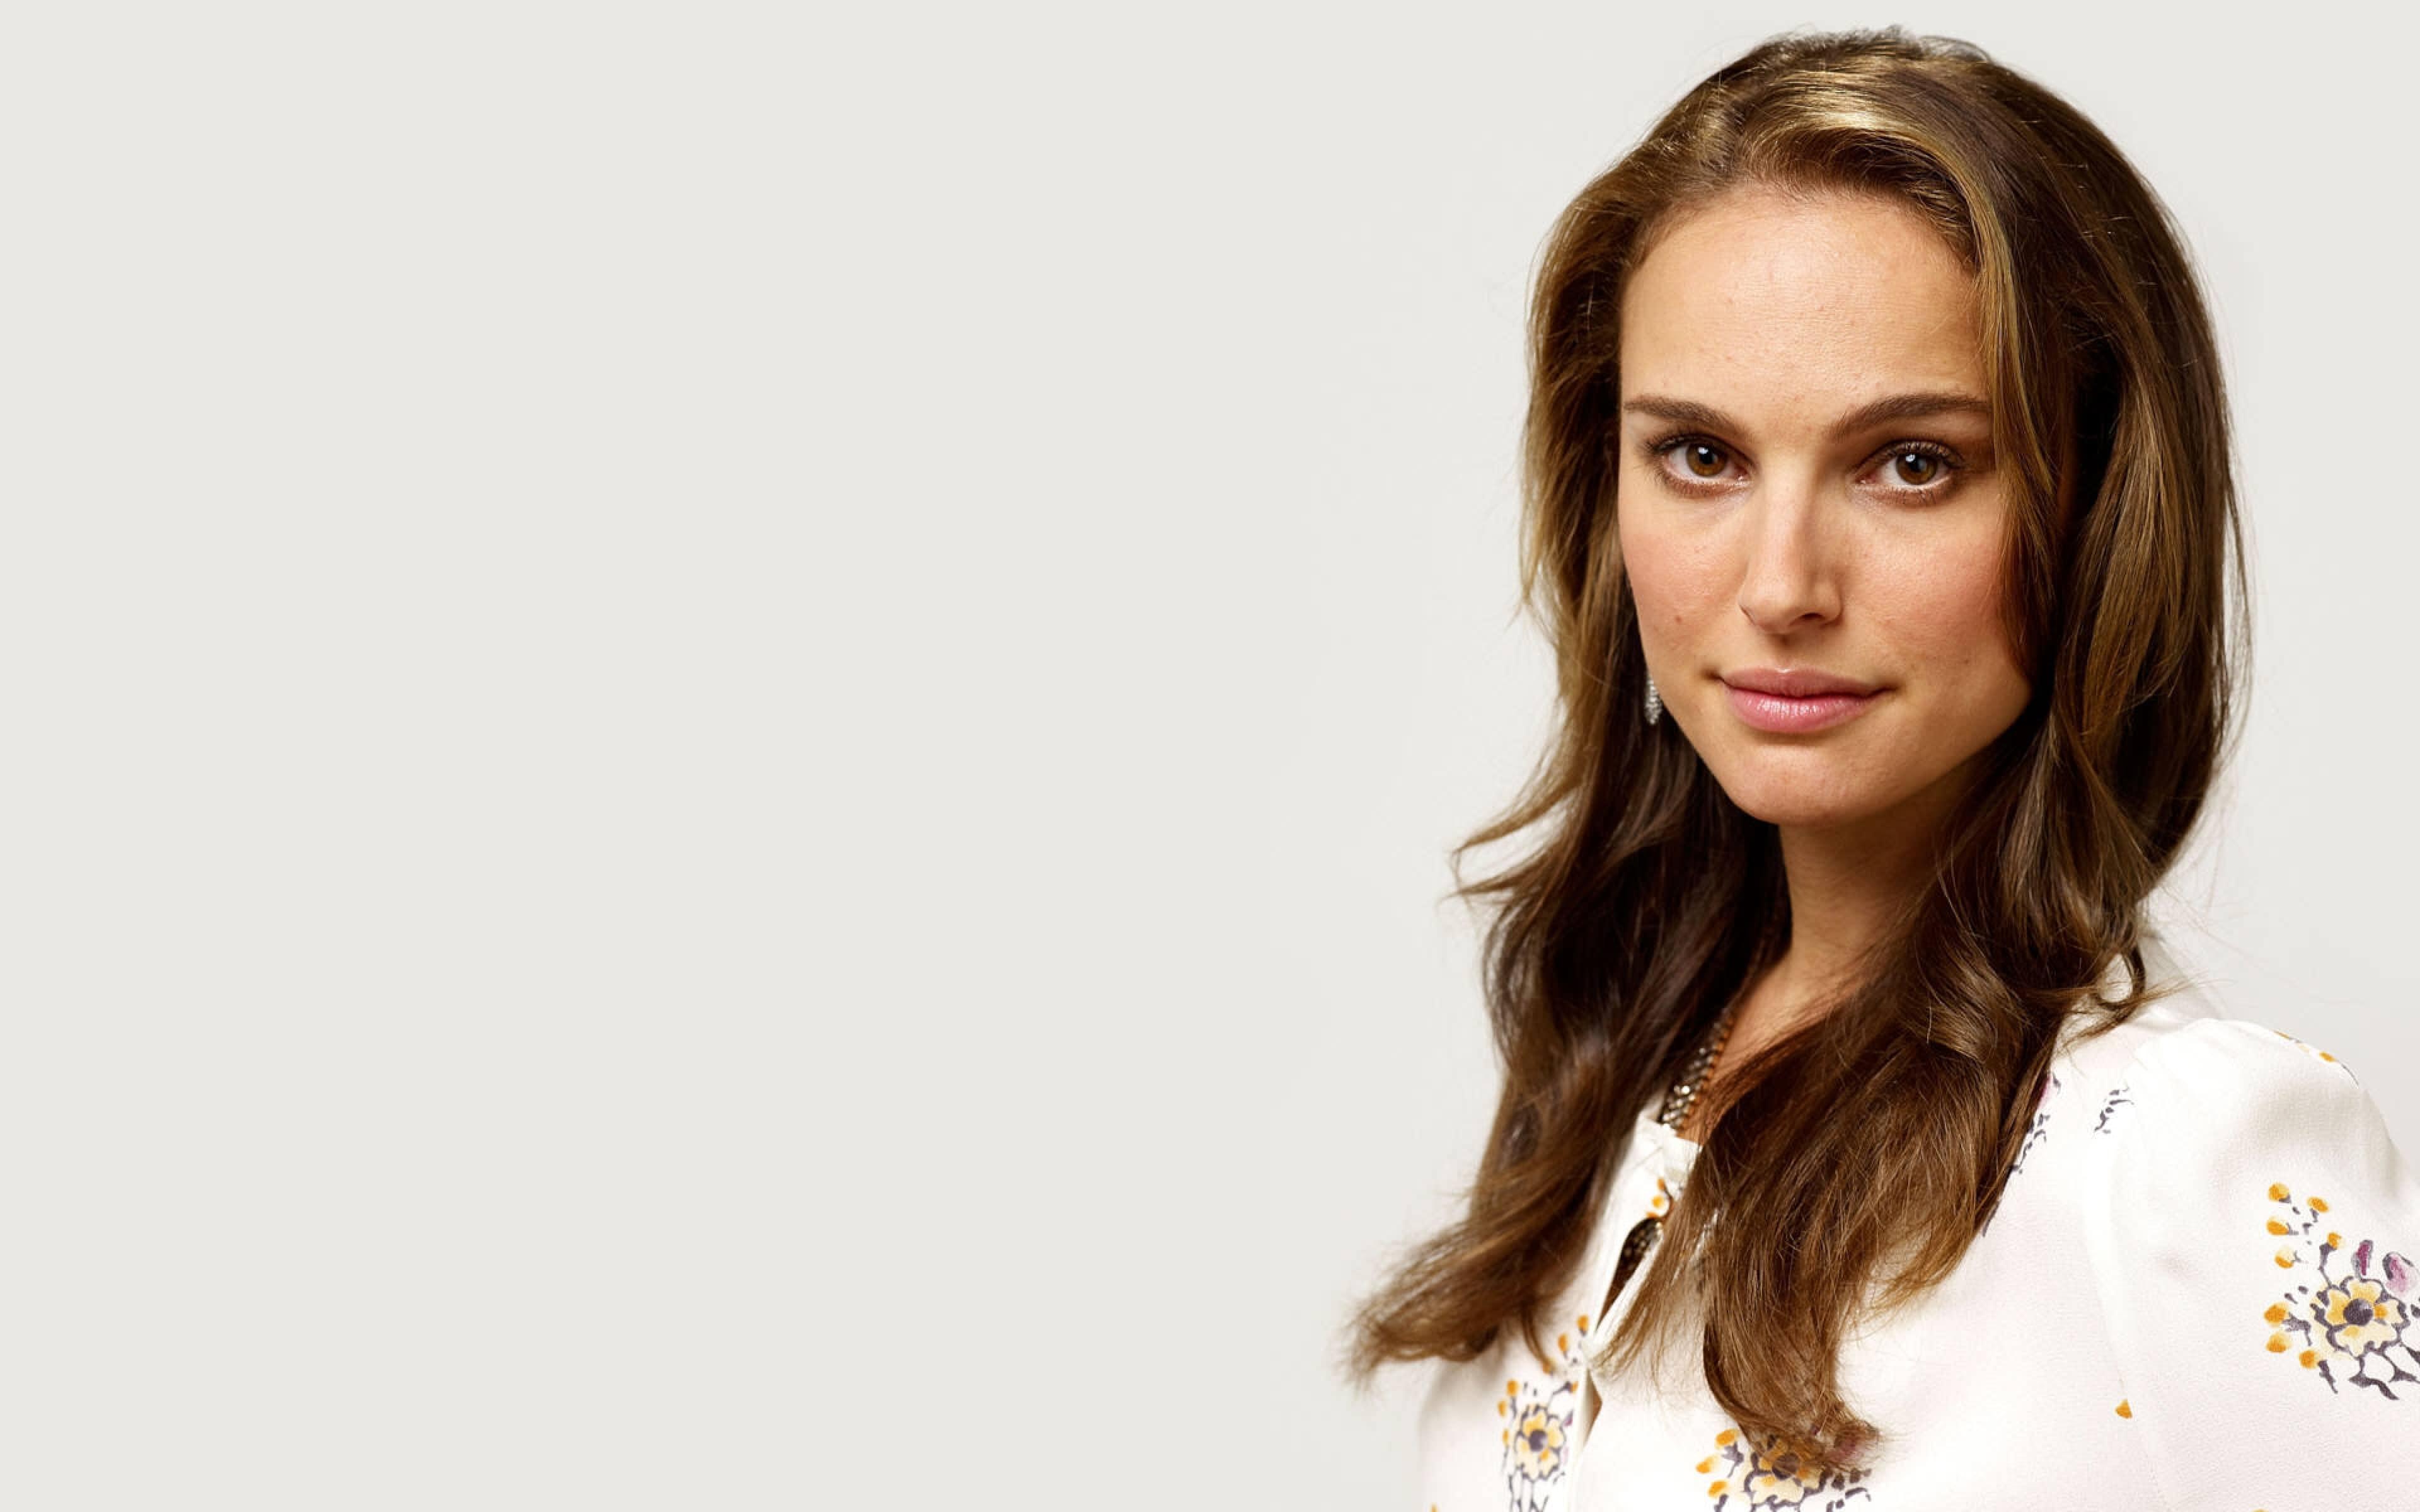 Natalie Portman for mobile